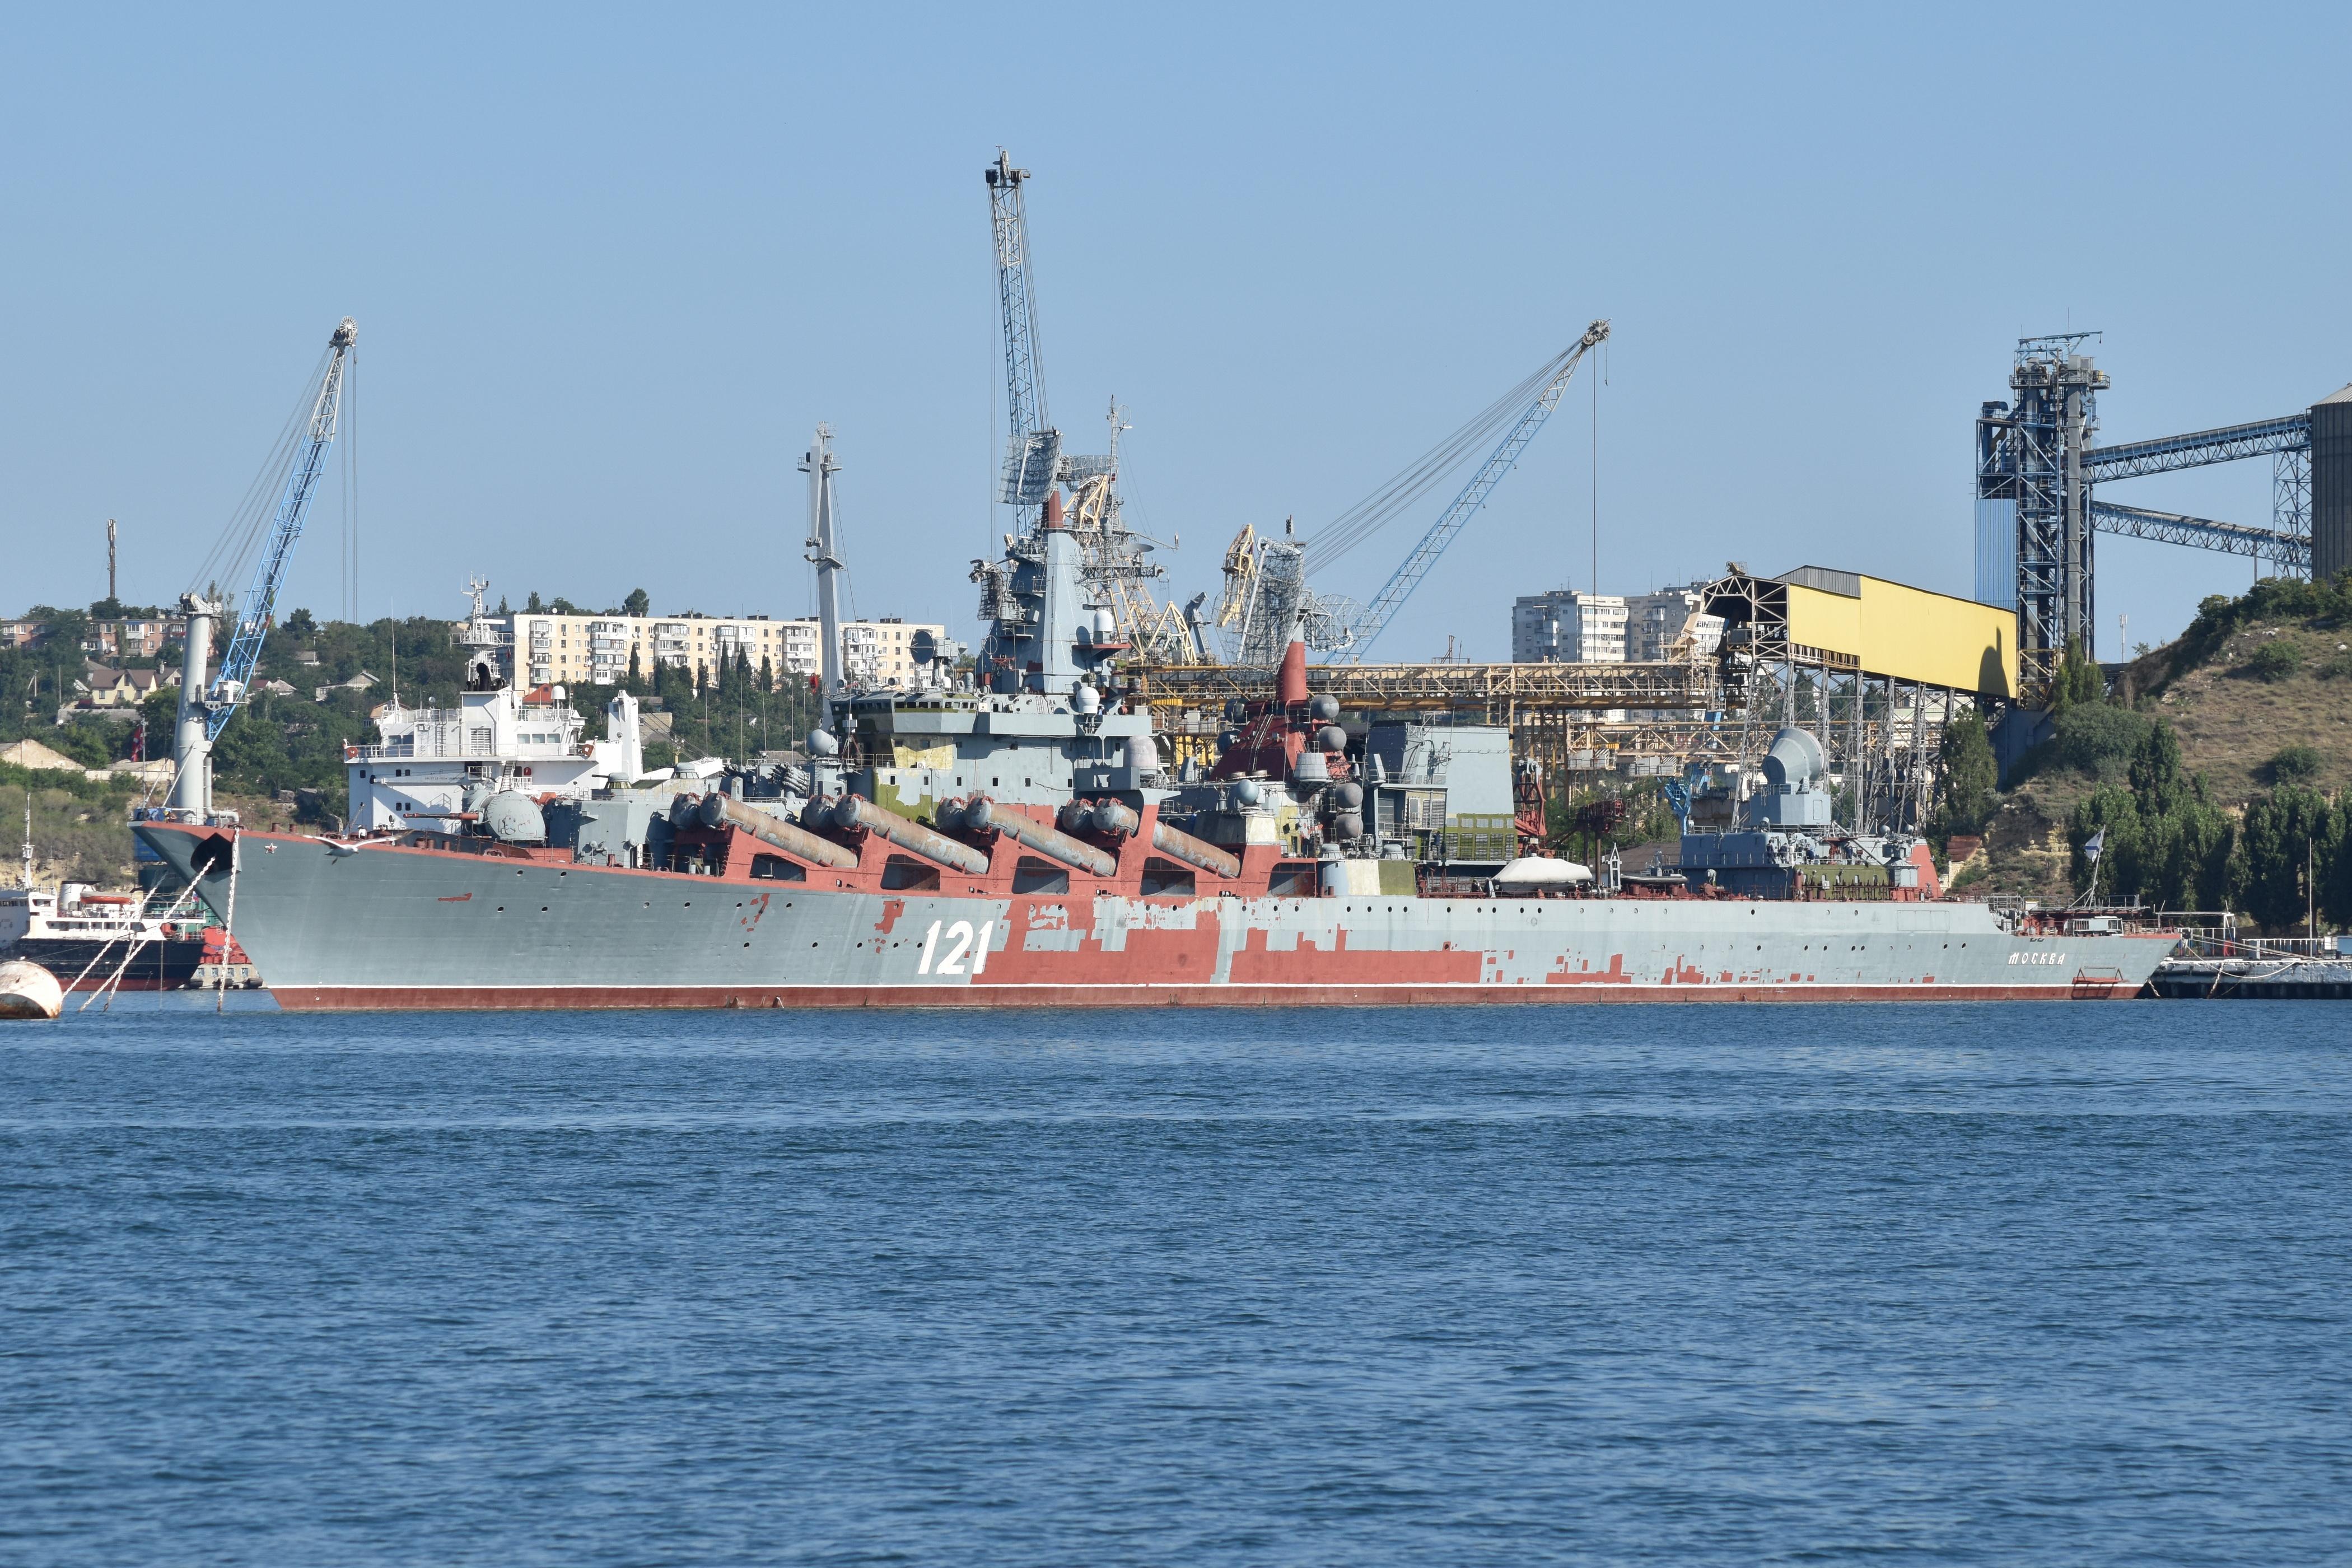 Project 1164 Atlant: Slava Class cruiser - Page 8 04-6436913-dsc-4056.jpg?title=DSC_4056